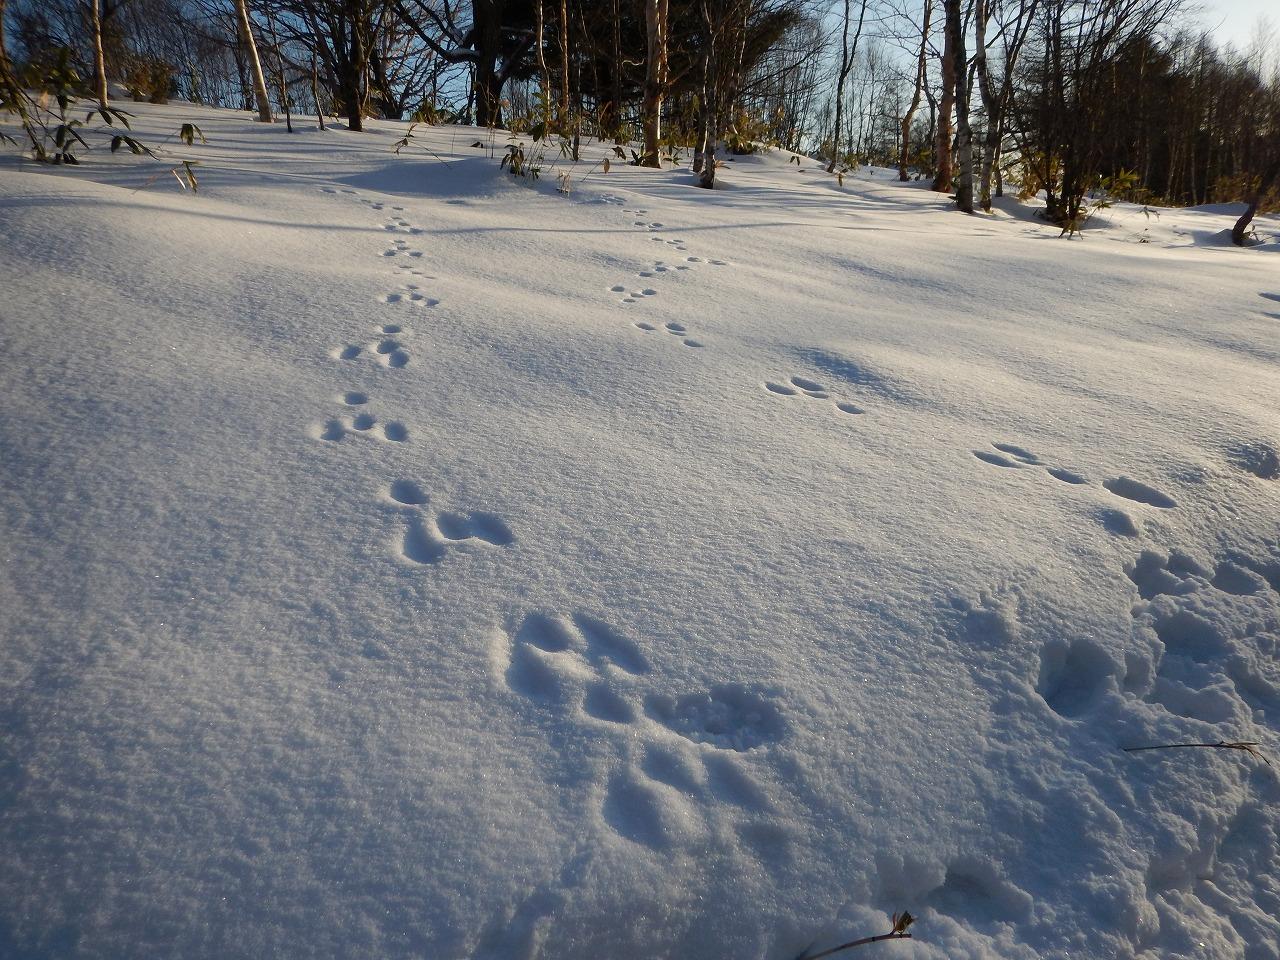 動物の足跡。